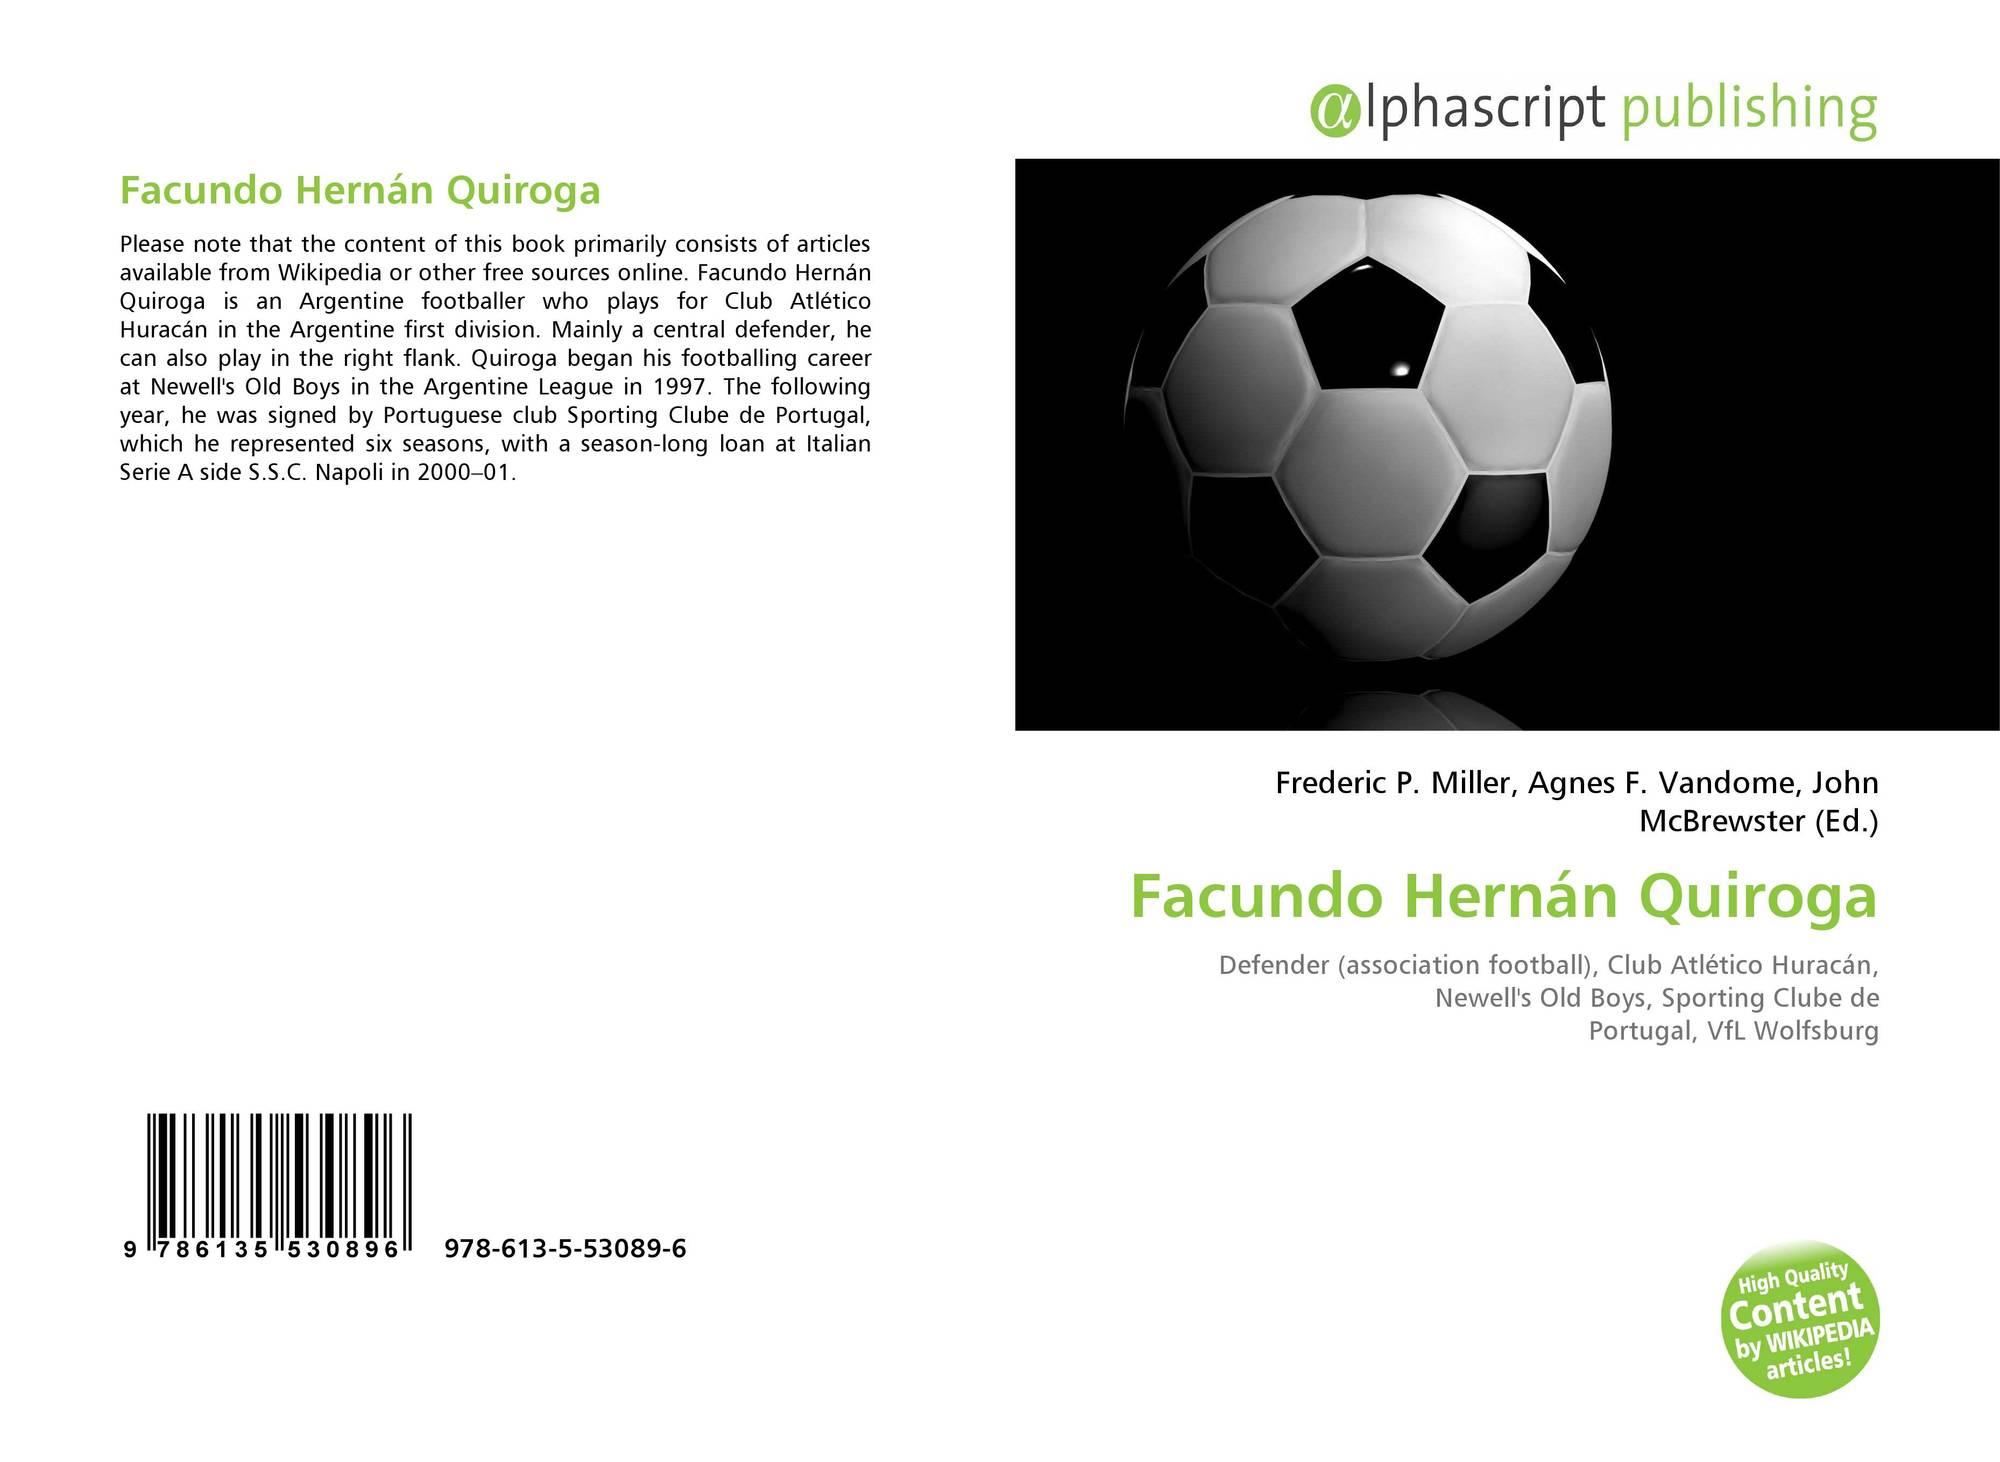 Facundo Hernán Quiroga 978 613 5 53089 6 6135530895 9786135530896